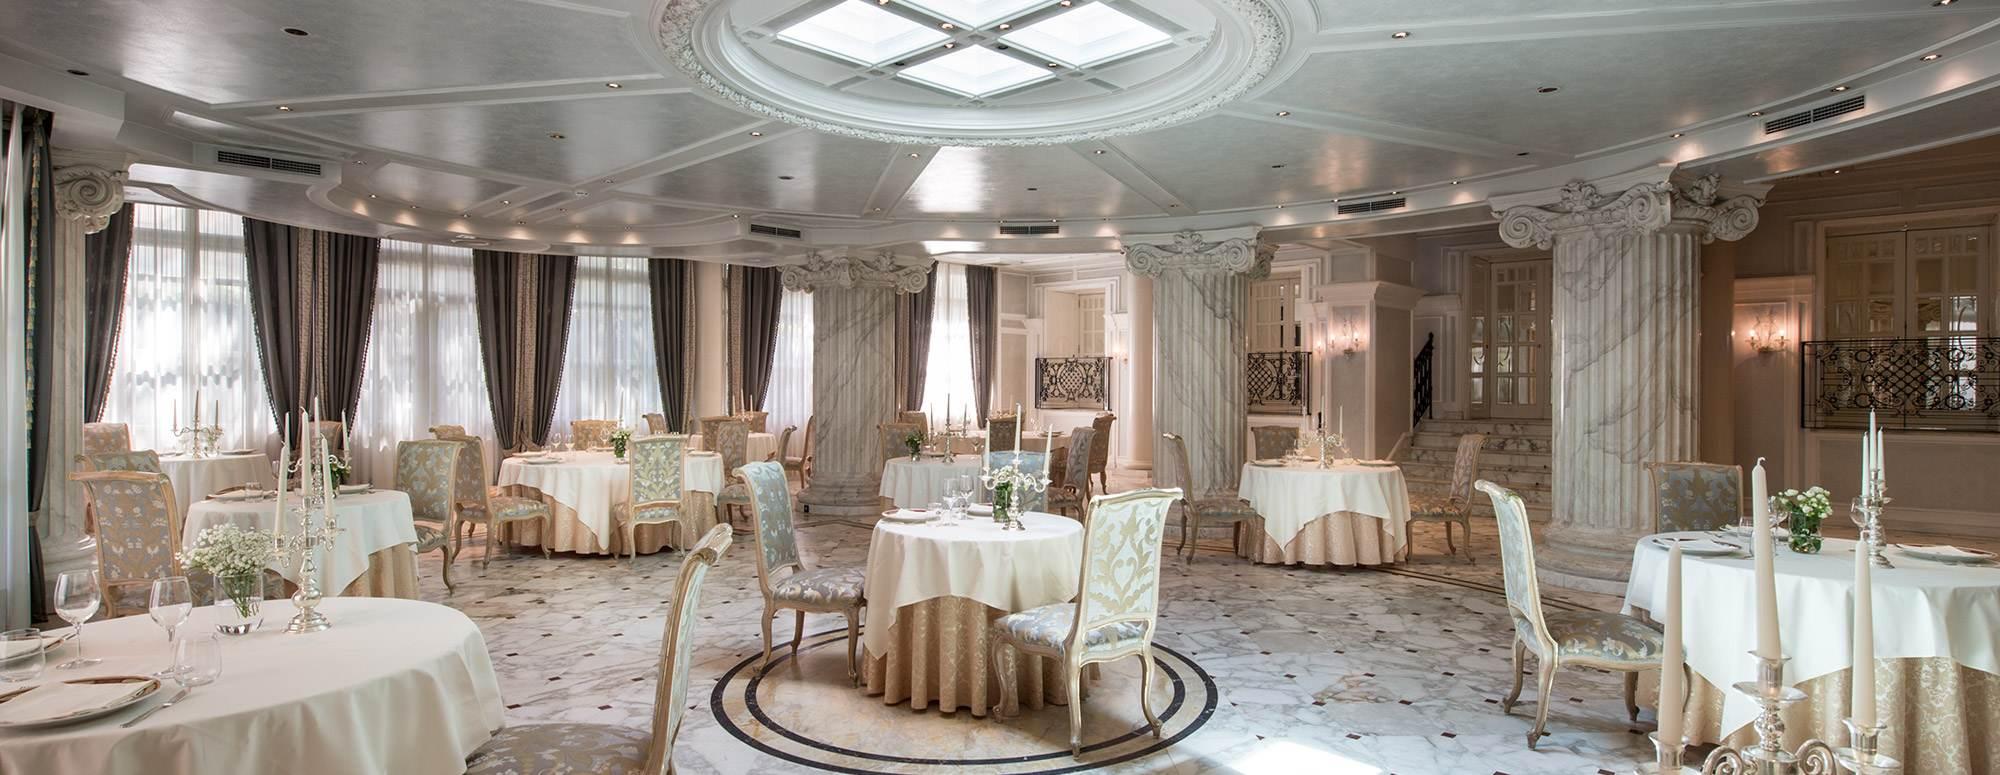 Hotel con ristorante riccione e giardino esterno grand for Grand hotel des bains 07